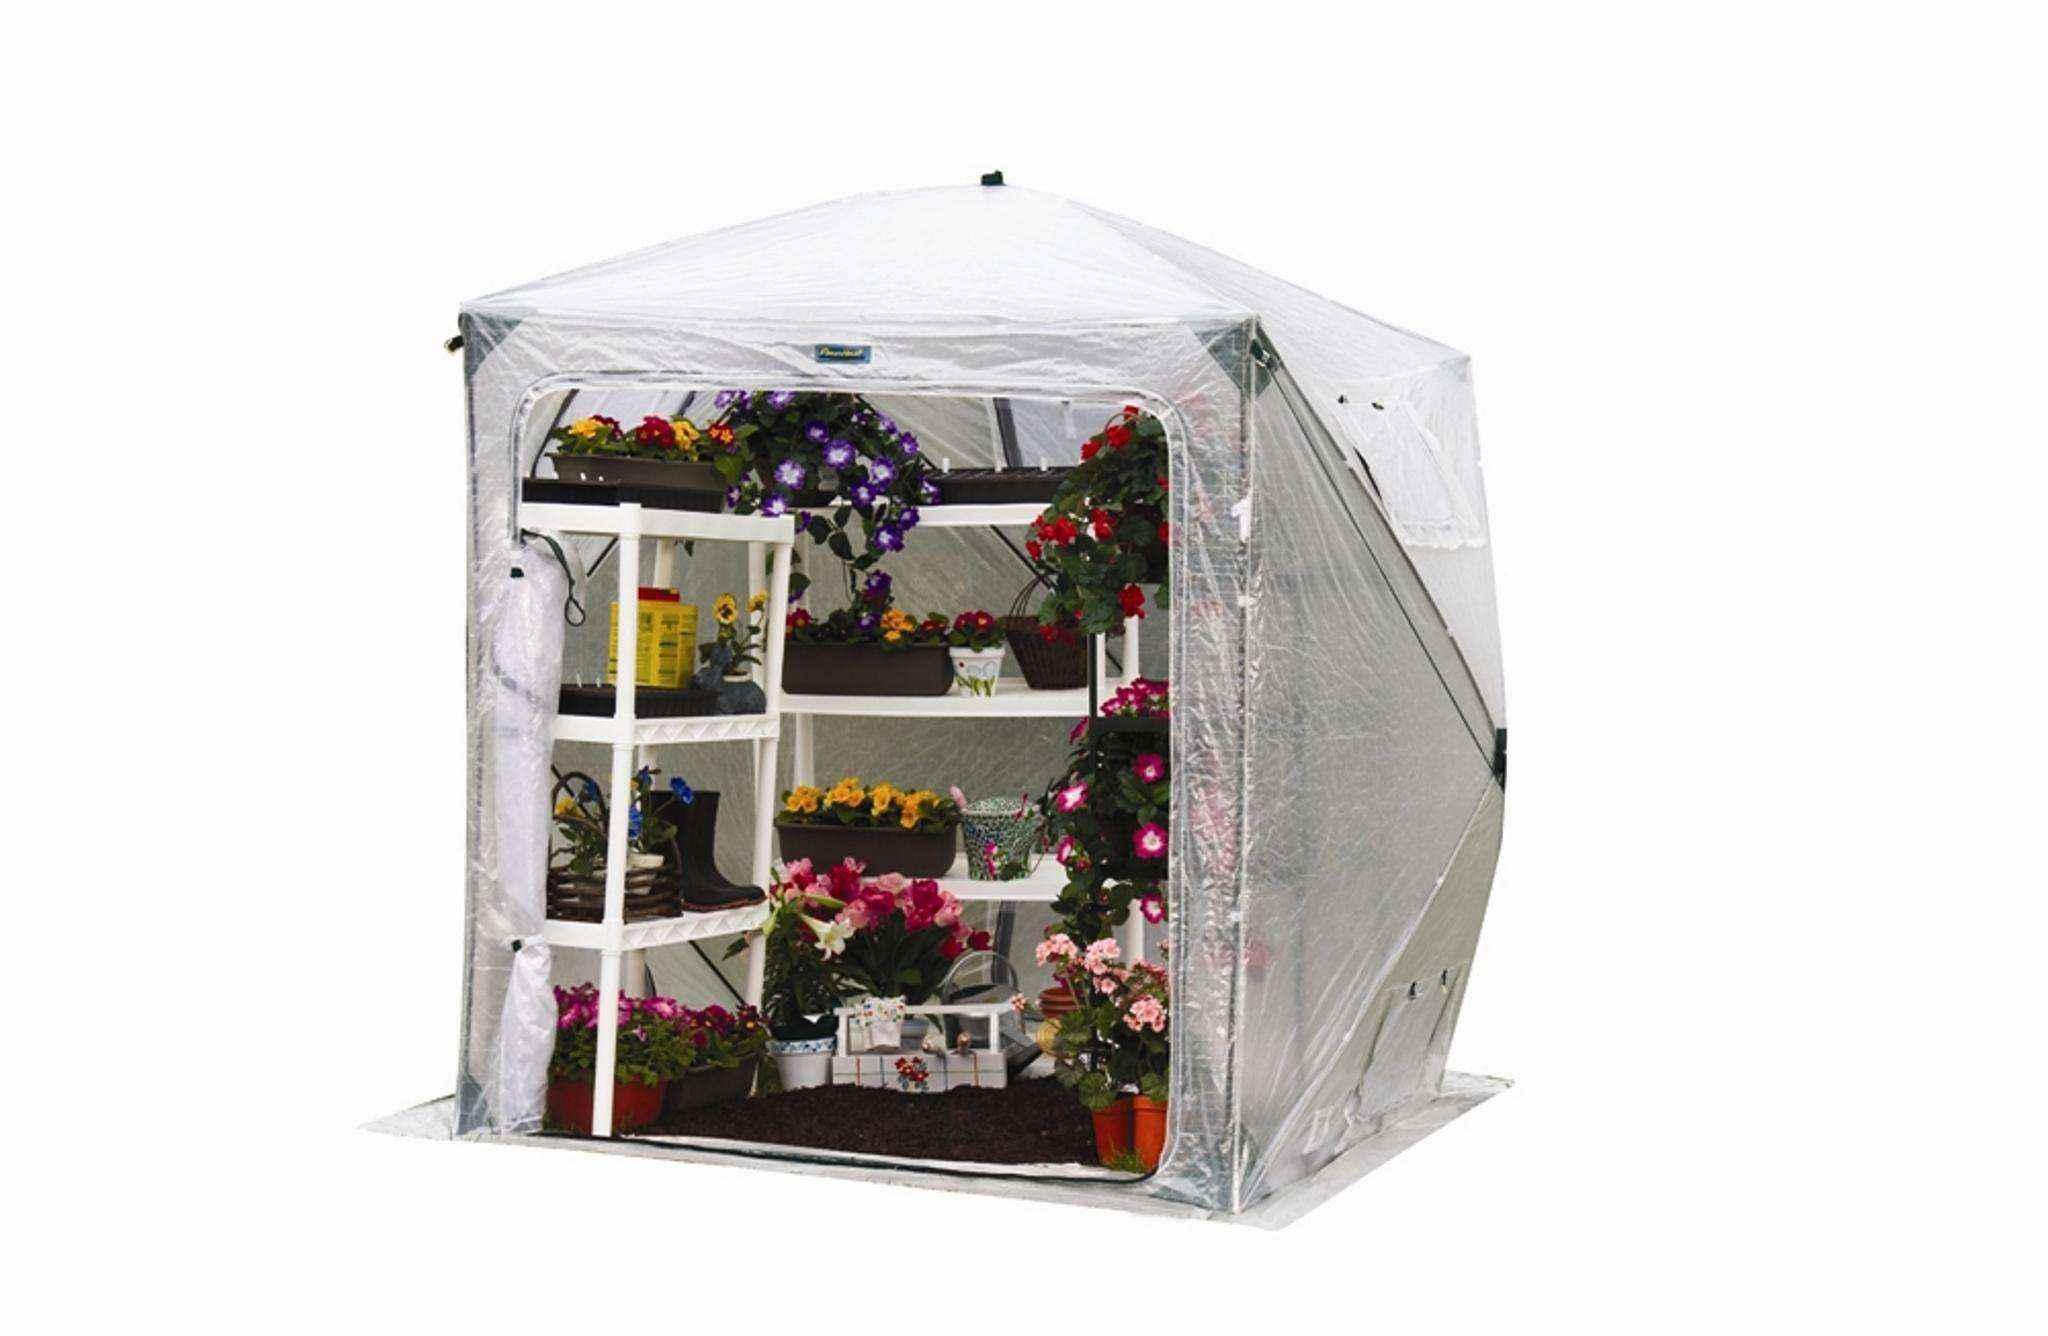 image41   Как сделать уютный сад в ограниченном пространстве и при ограниченном бюджете